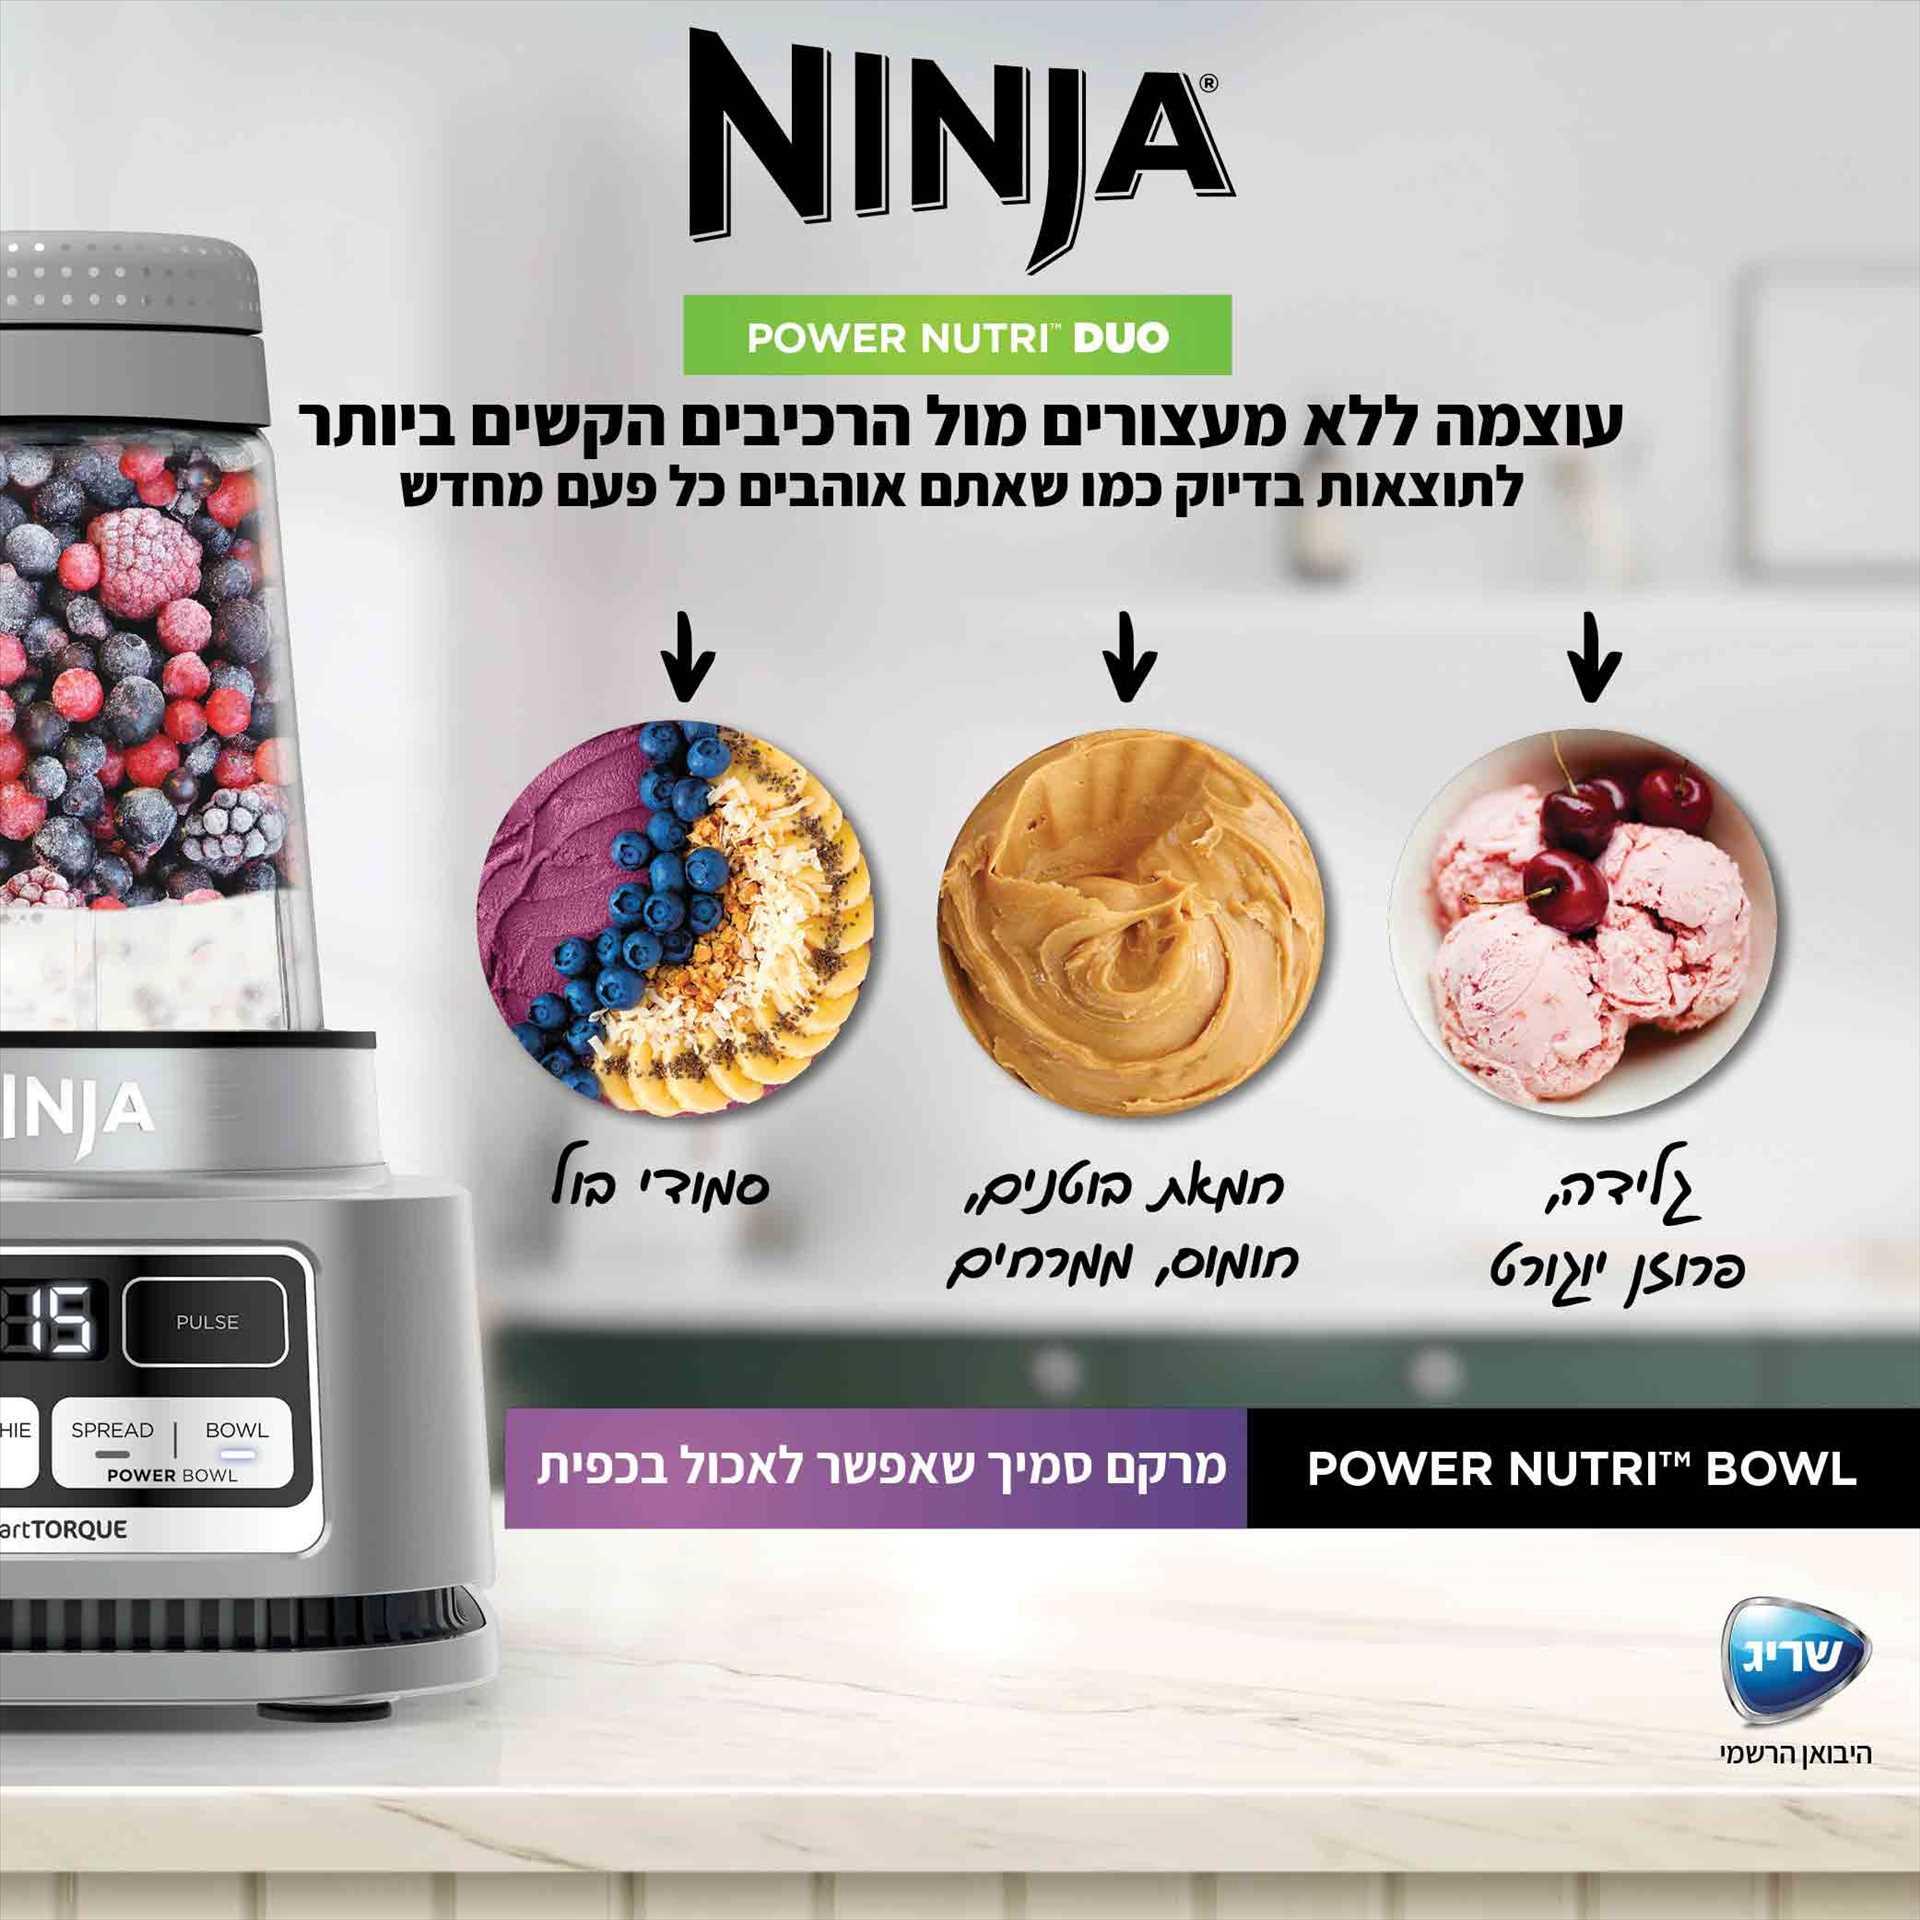 בלנדר מקצועי דגם NINJA POWER NUTRI DUO CB103 נינג'ה - תמונה 7